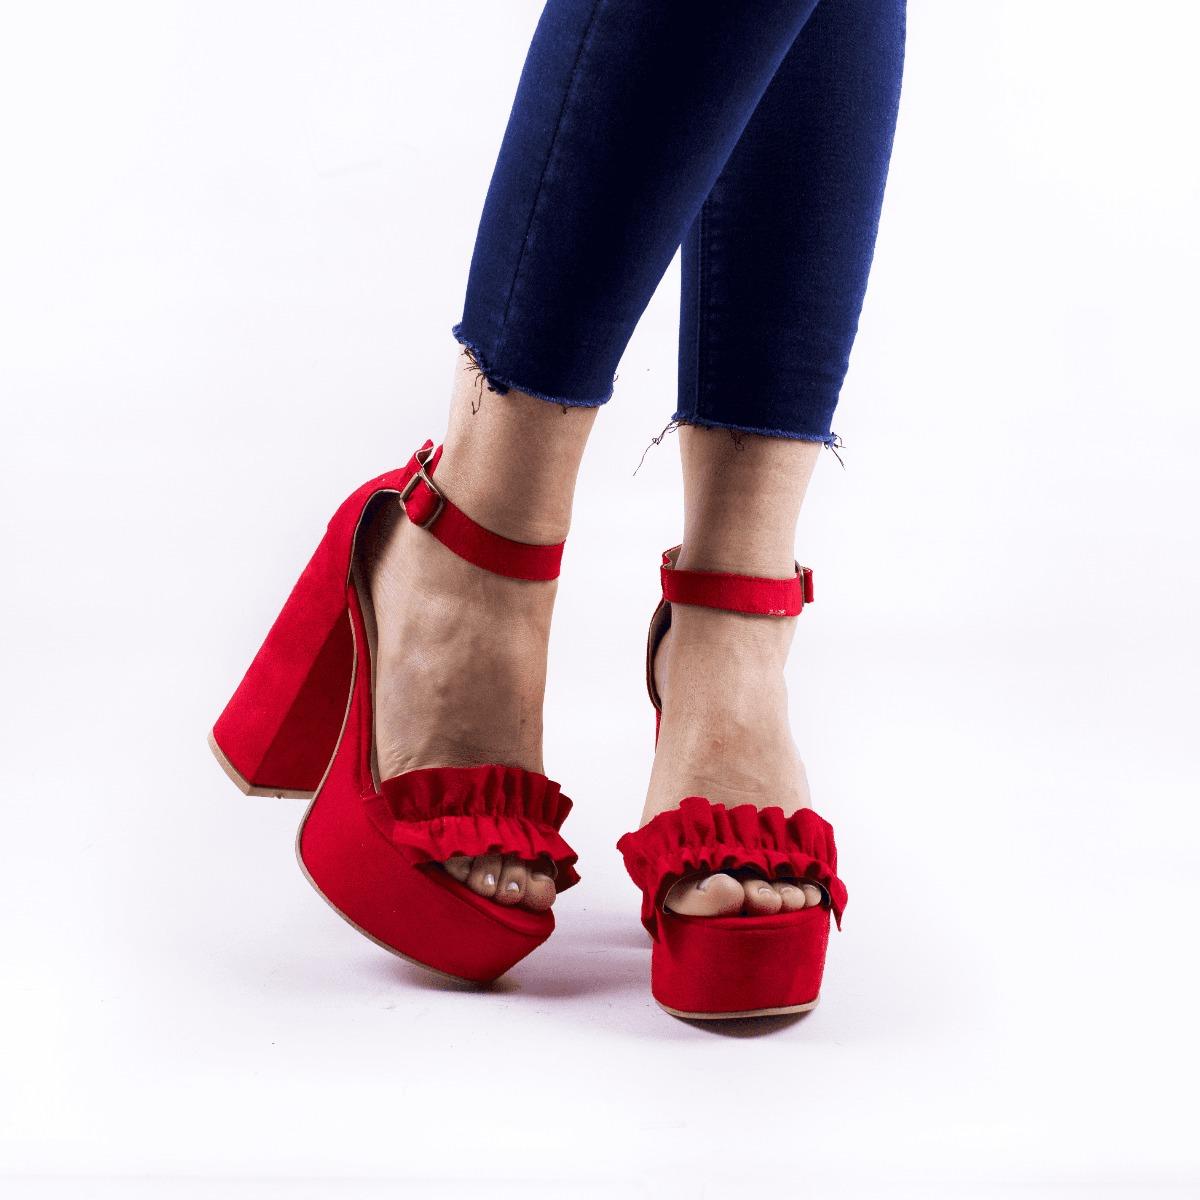 c4edeffe229 zapato sandalia mujer fiesta taco alto plataforma gamuza. Cargando zoom.